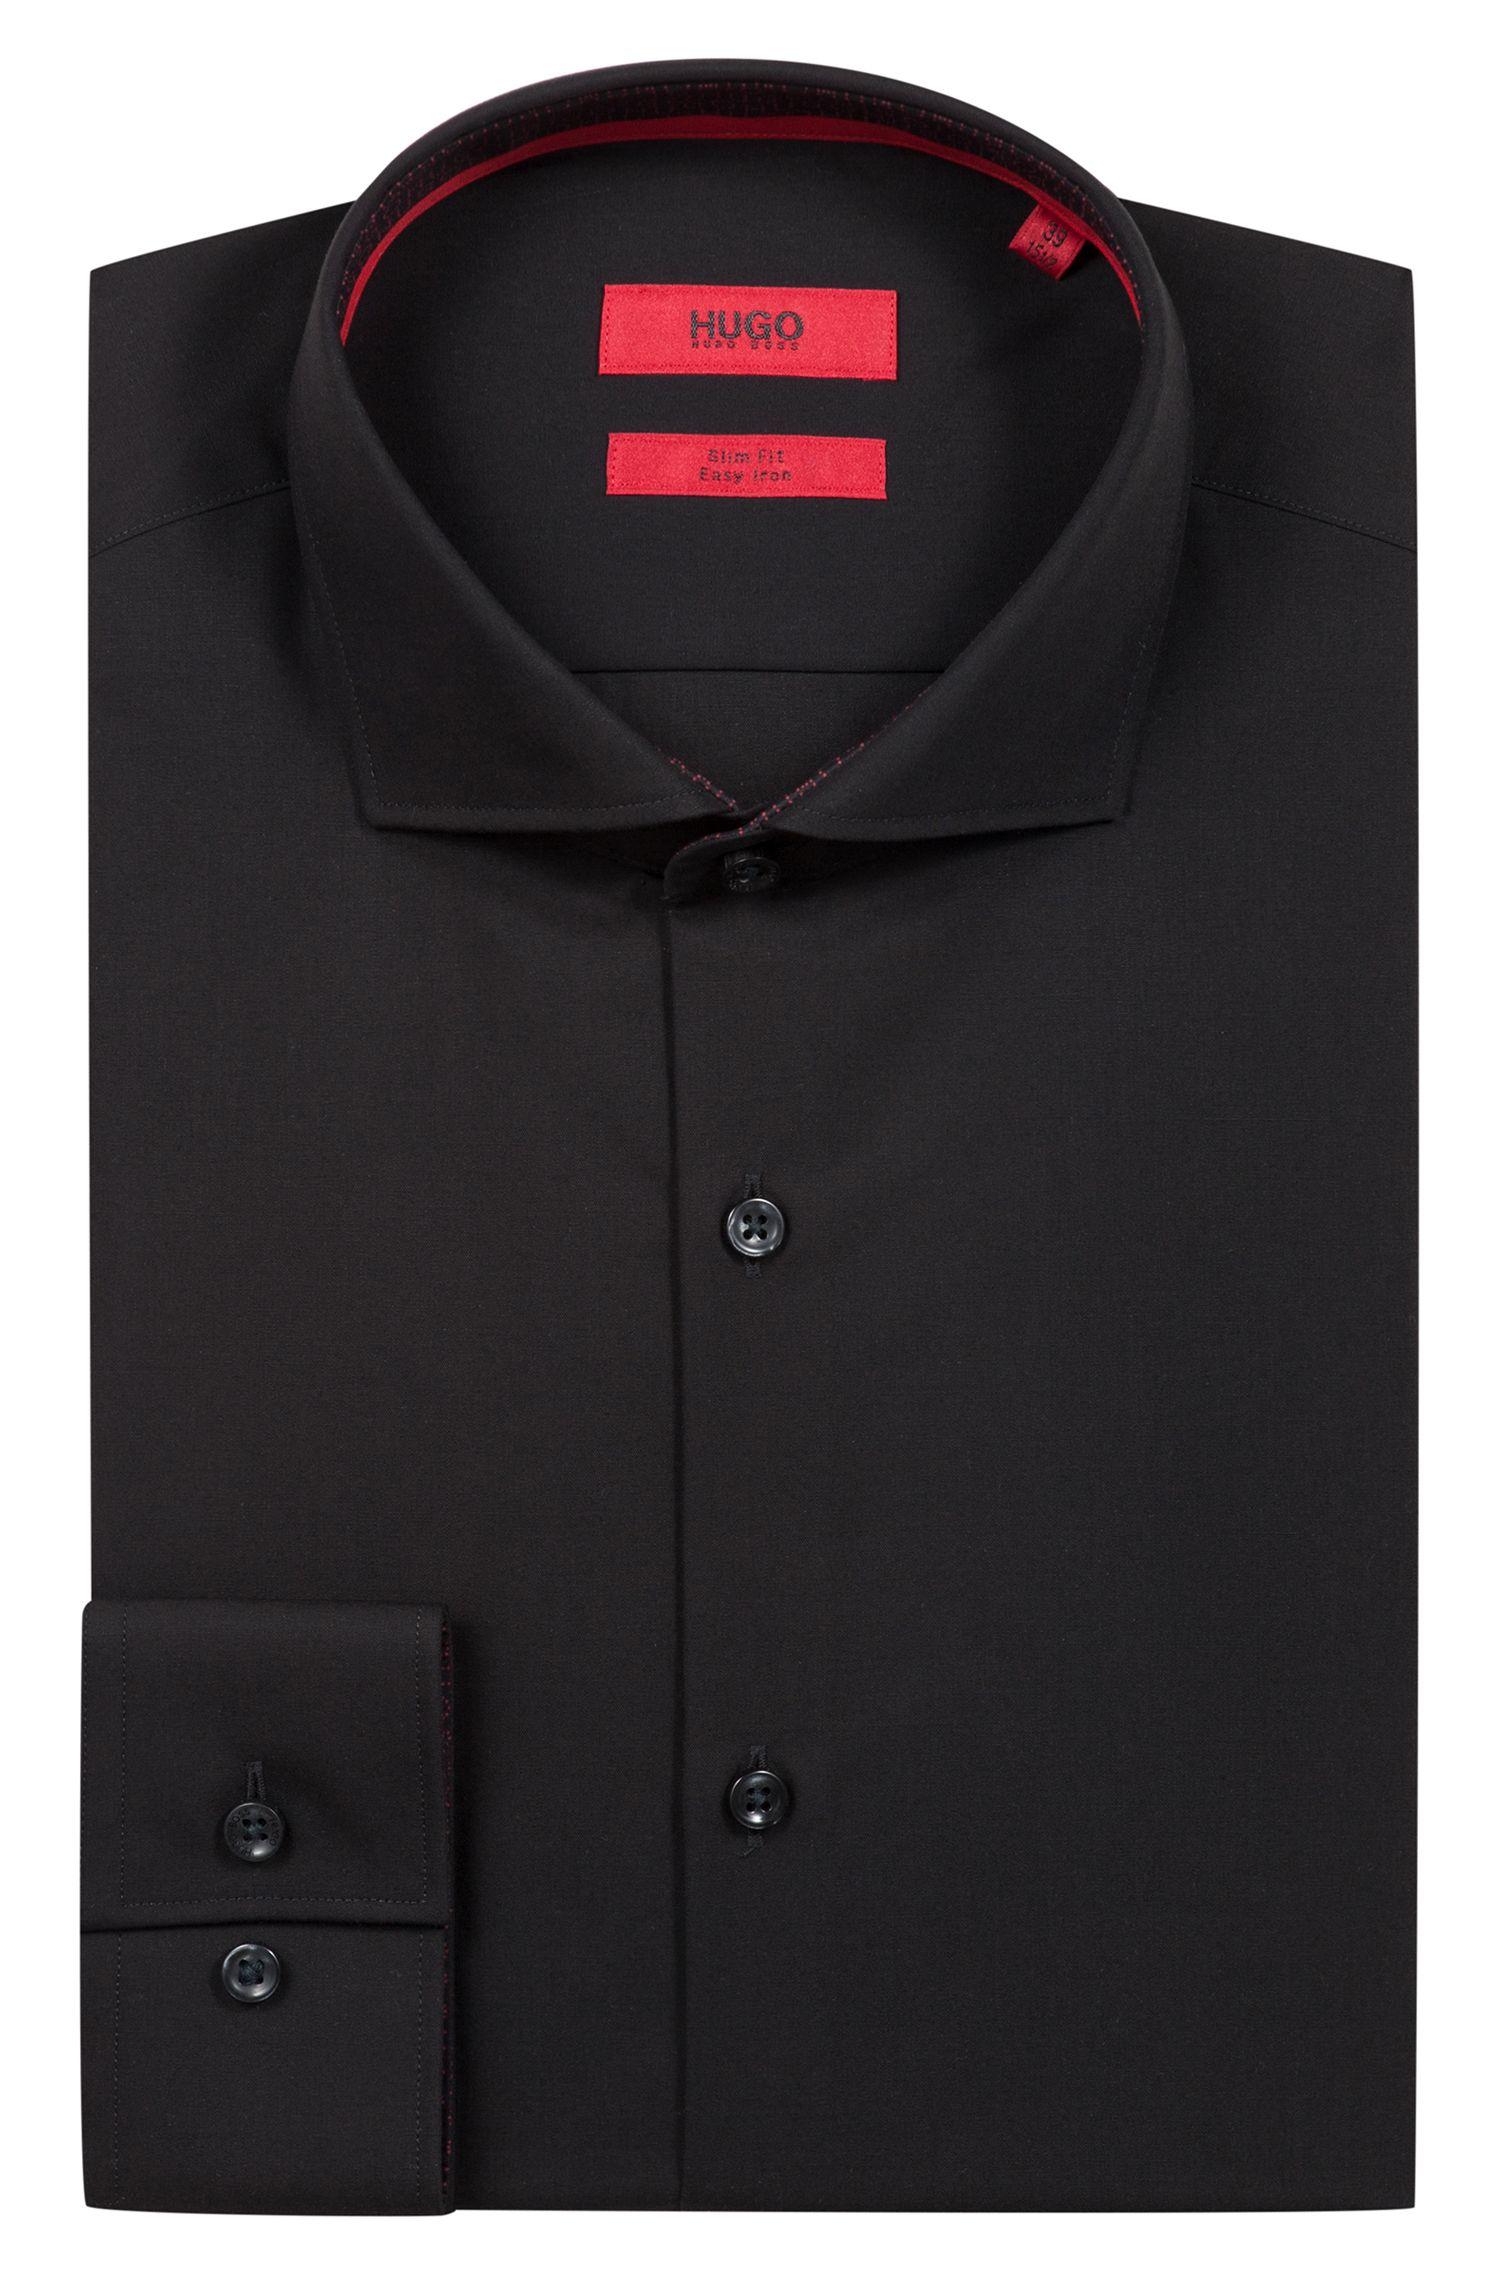 Hugo Boss - Camisa business slim fit en popelín de algodón - 5